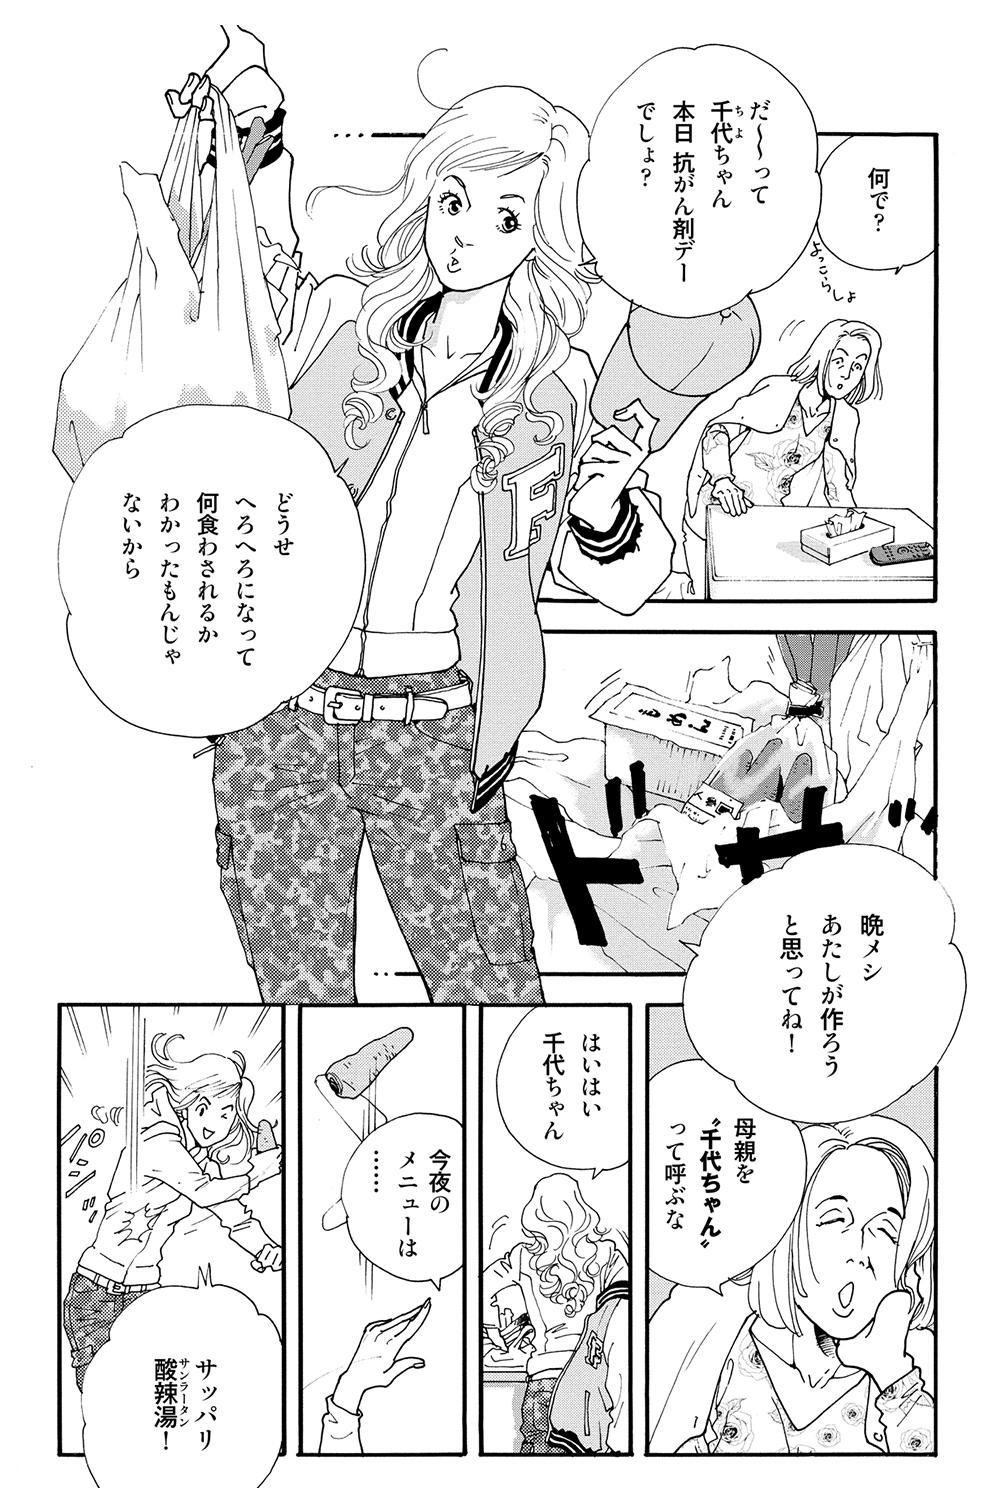 ヘルプマン!! 第1話「フリー介護士現る!」help1-10.jpg